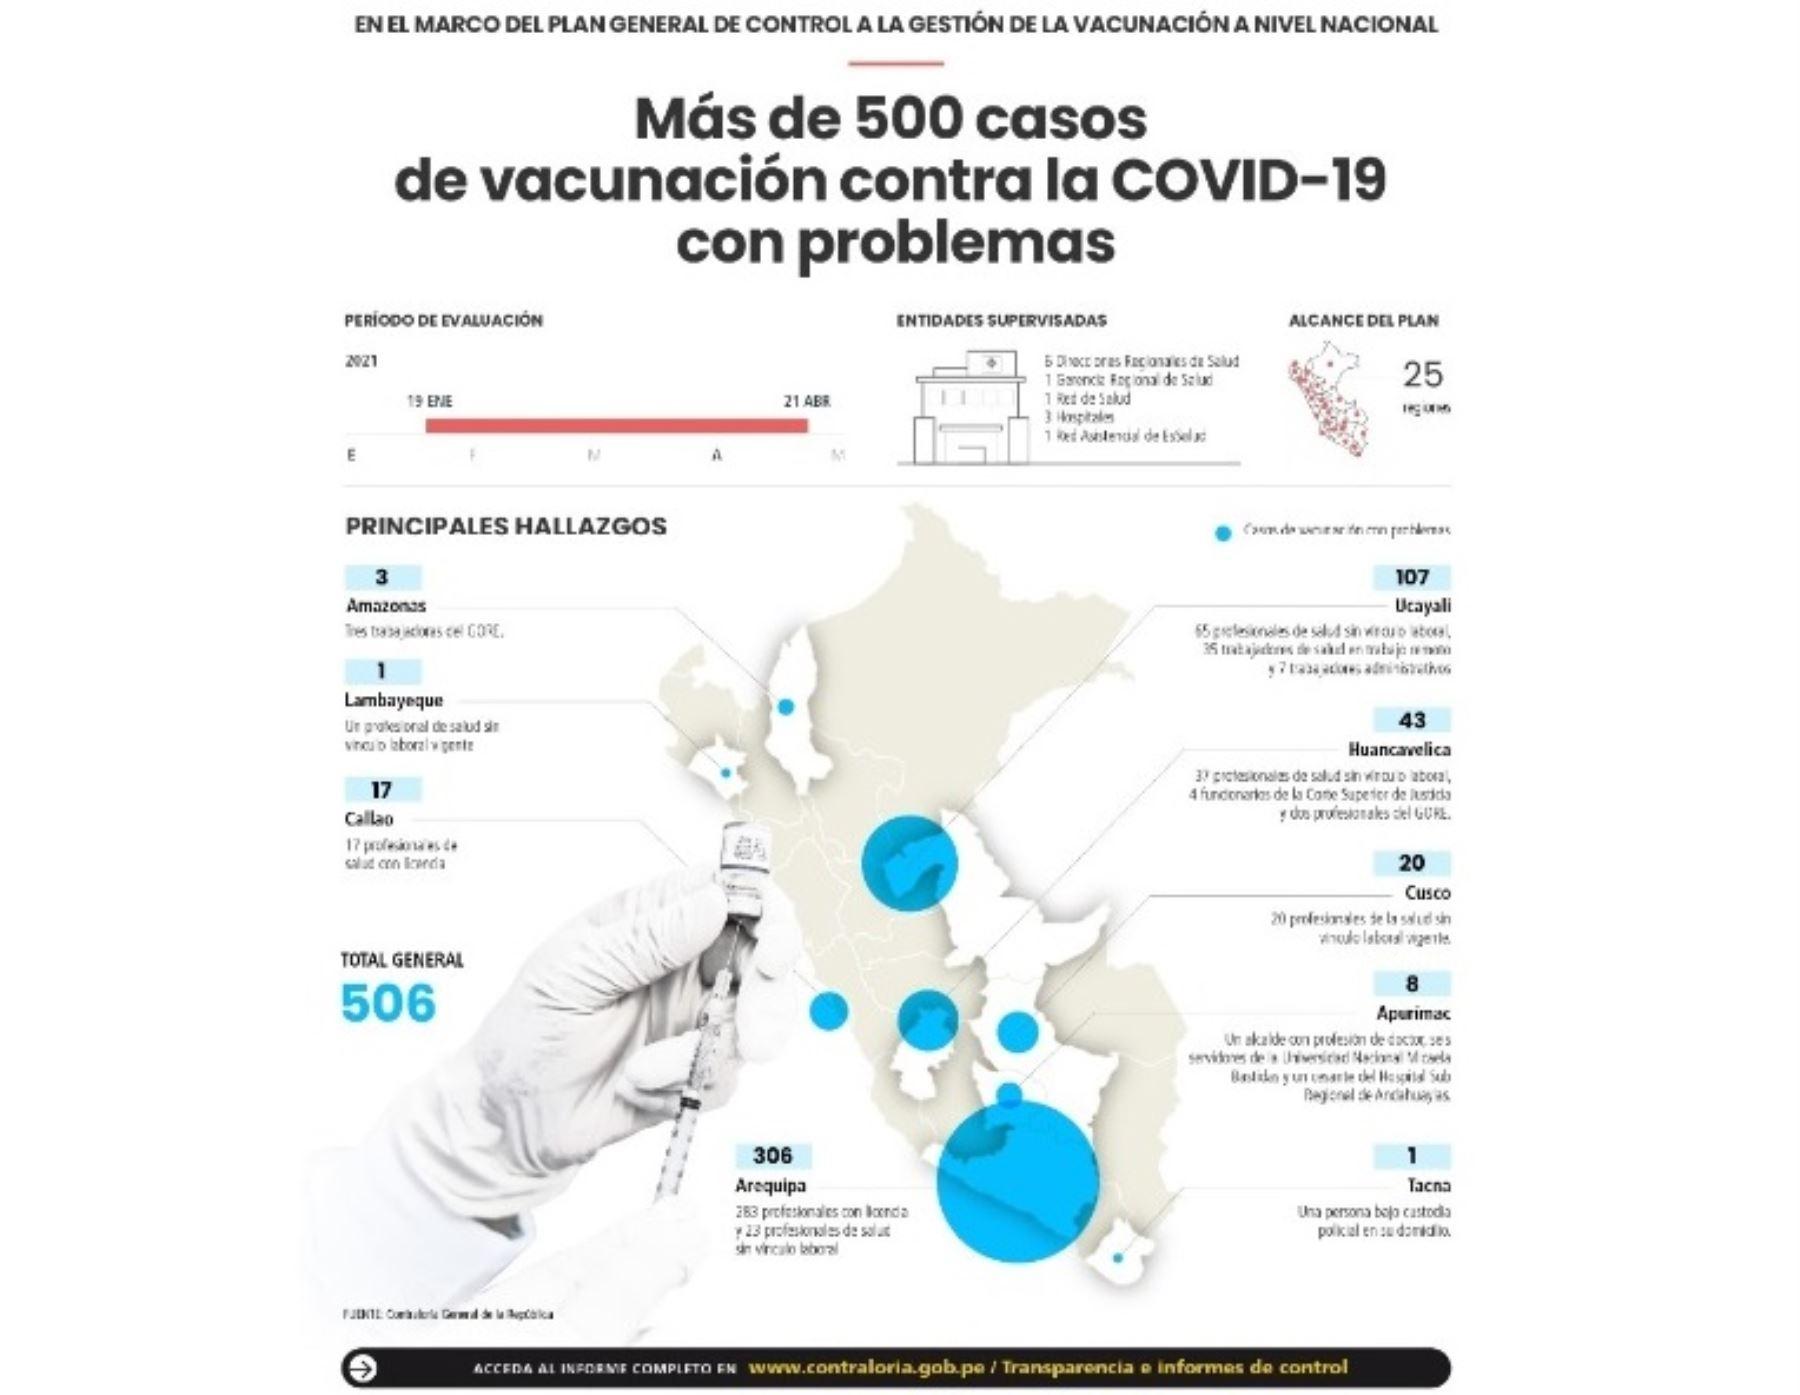 La Contraloría detectó más de 500 casos irregulares de vacunación contra la covid-19 en todo el país y precisó que Arequipa y Ucayali son las regiones donde se han presentado más este tipo de hechos. ANDINA/Difusión